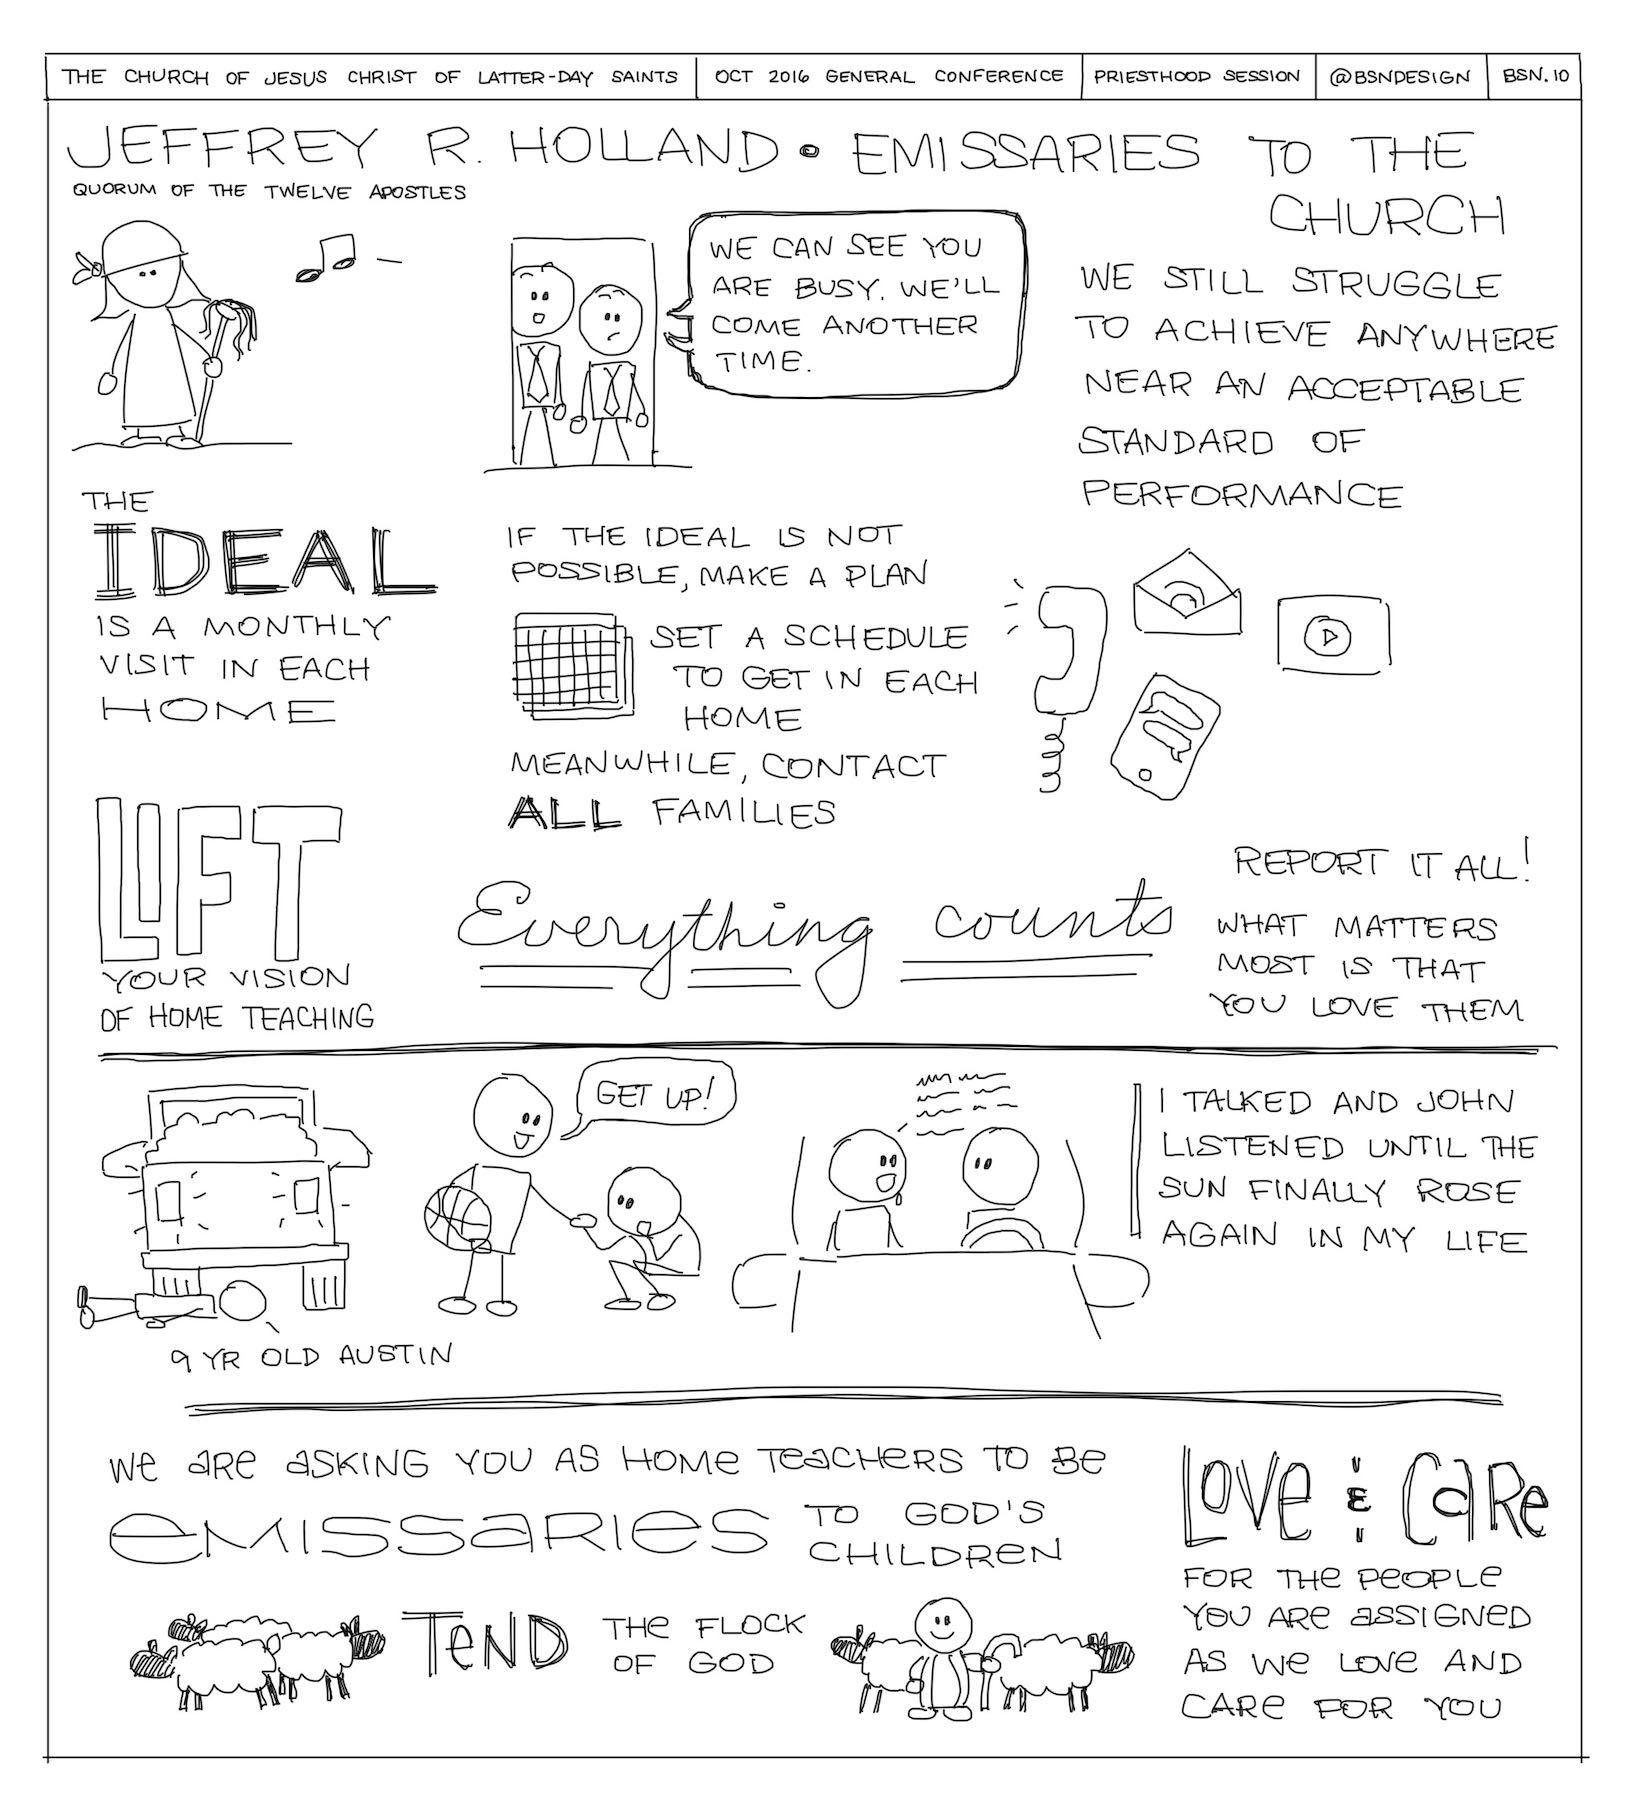 General Conference Sketchnotes 18